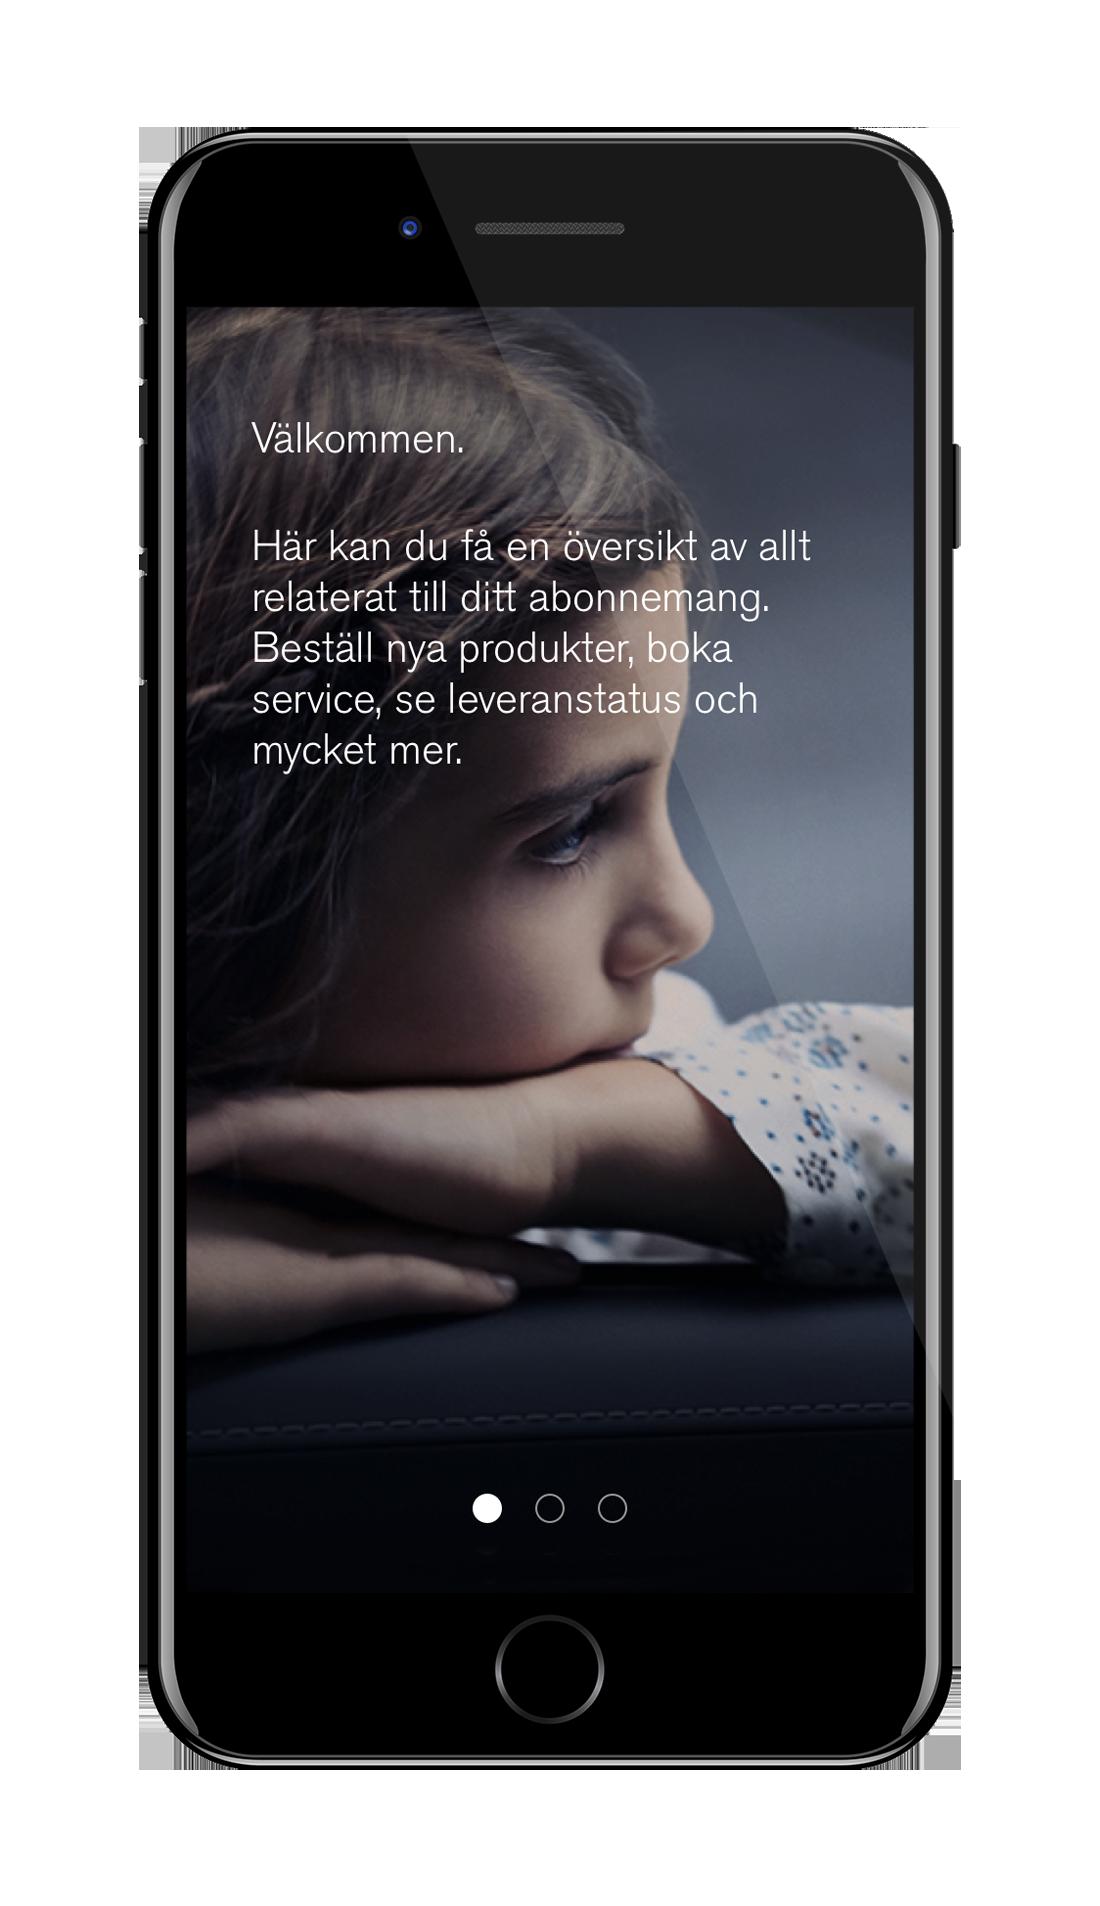 Volvo_MariaThulin_App_2